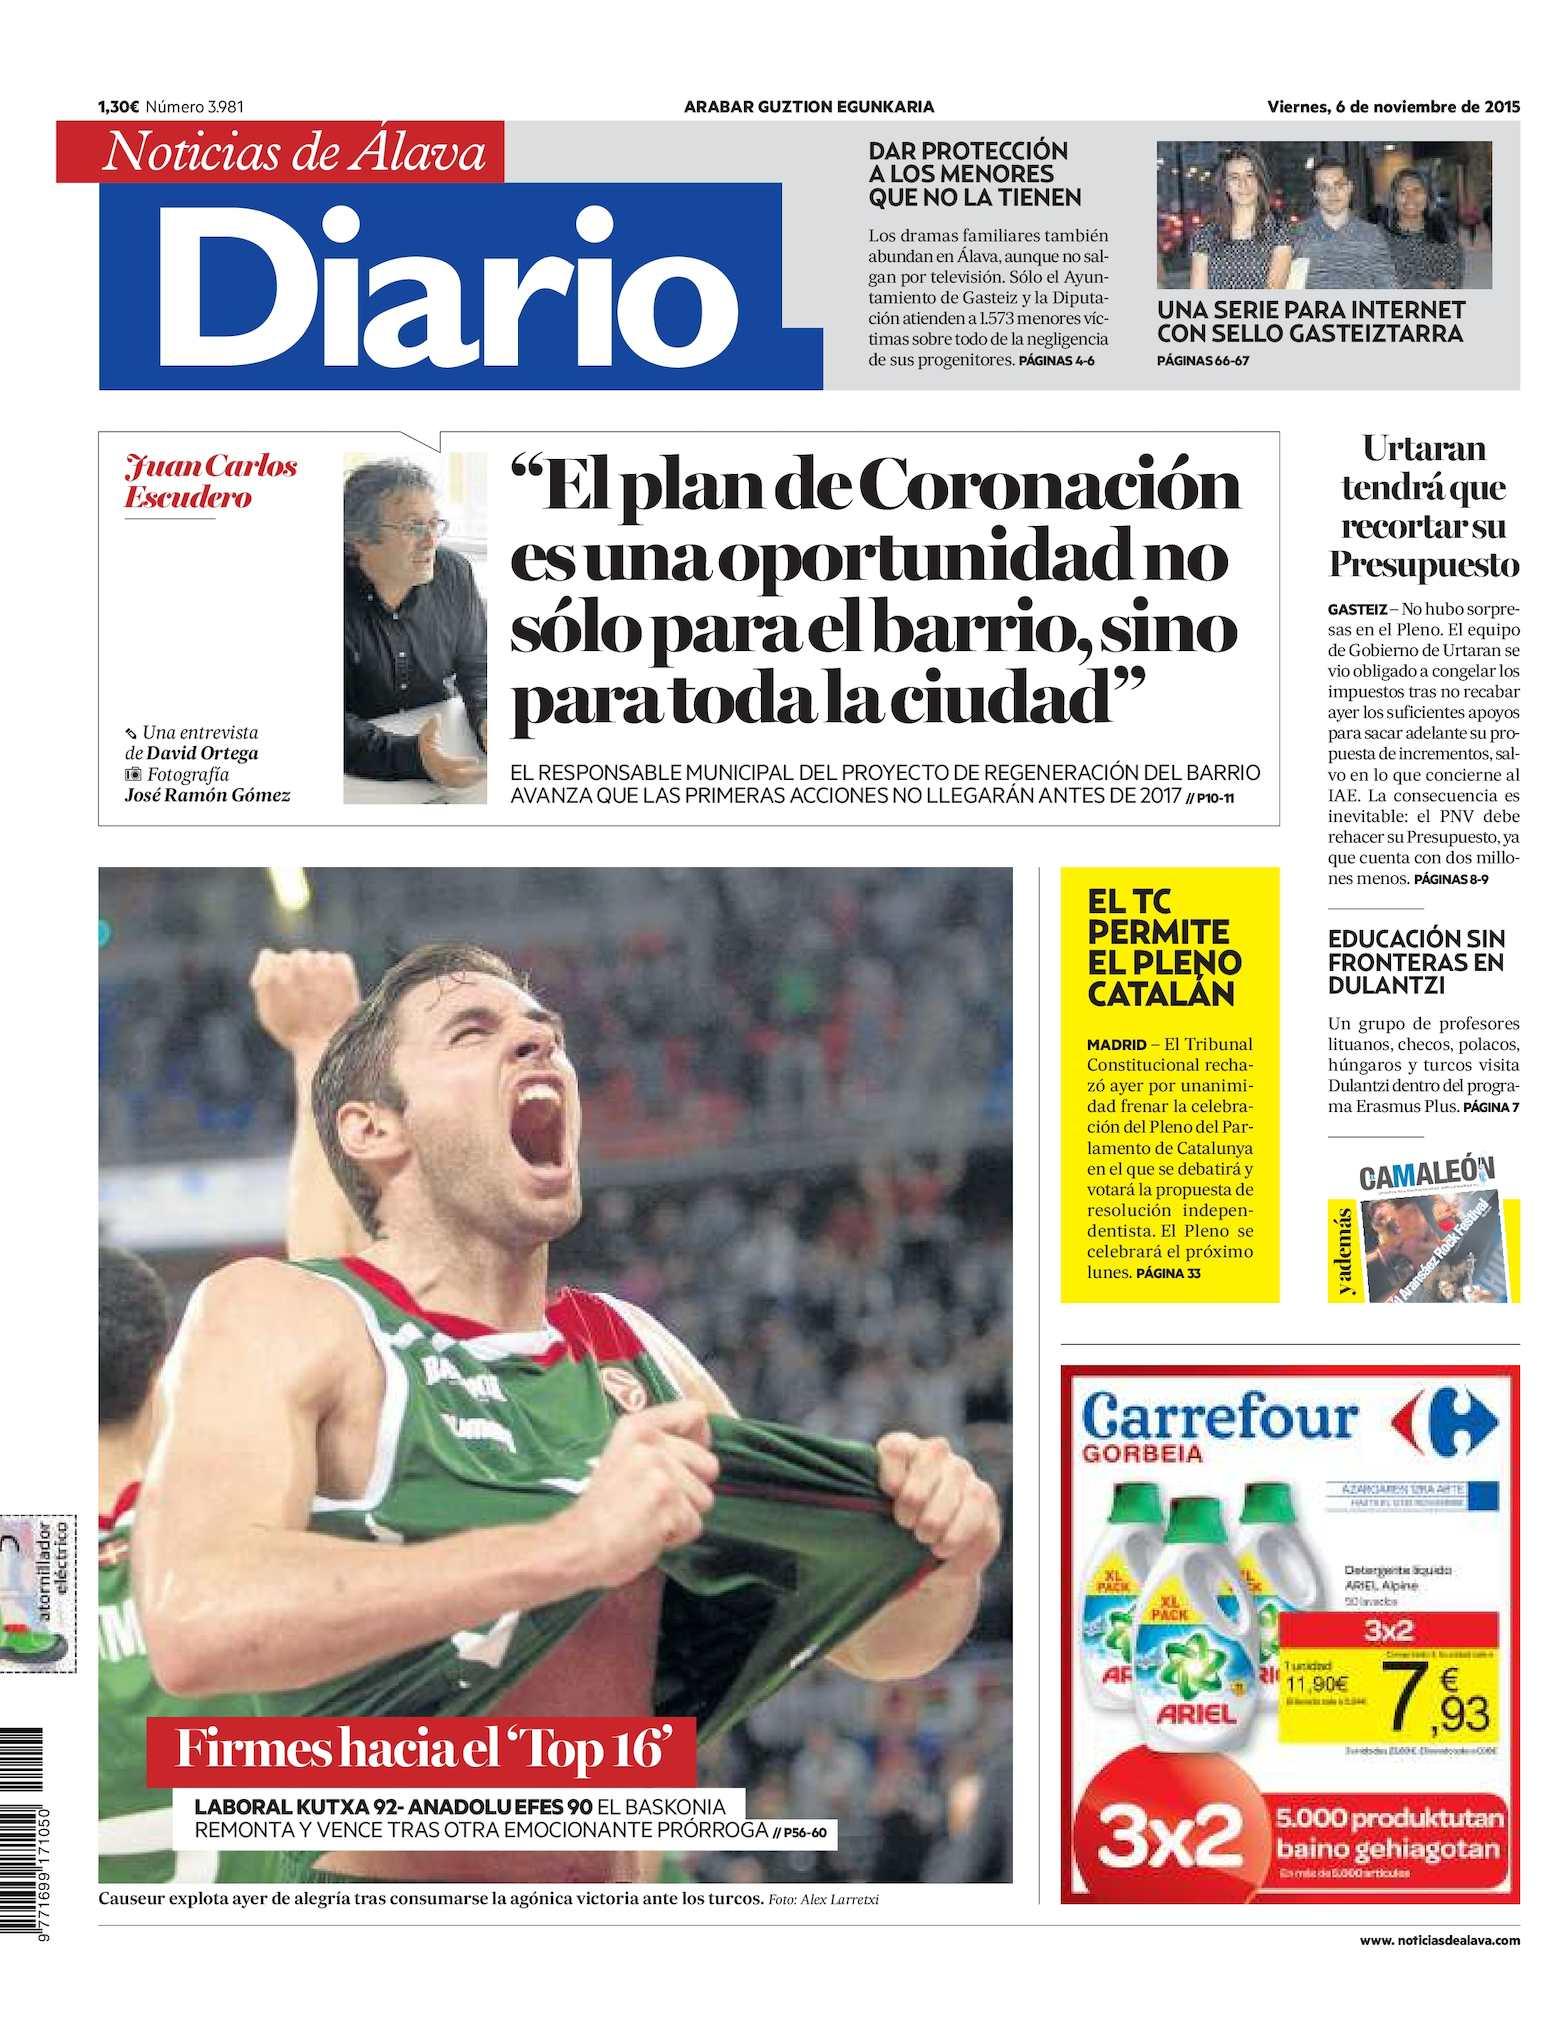 7b91f3c917 Calaméo - Diario de Noticias de Álava 20151106